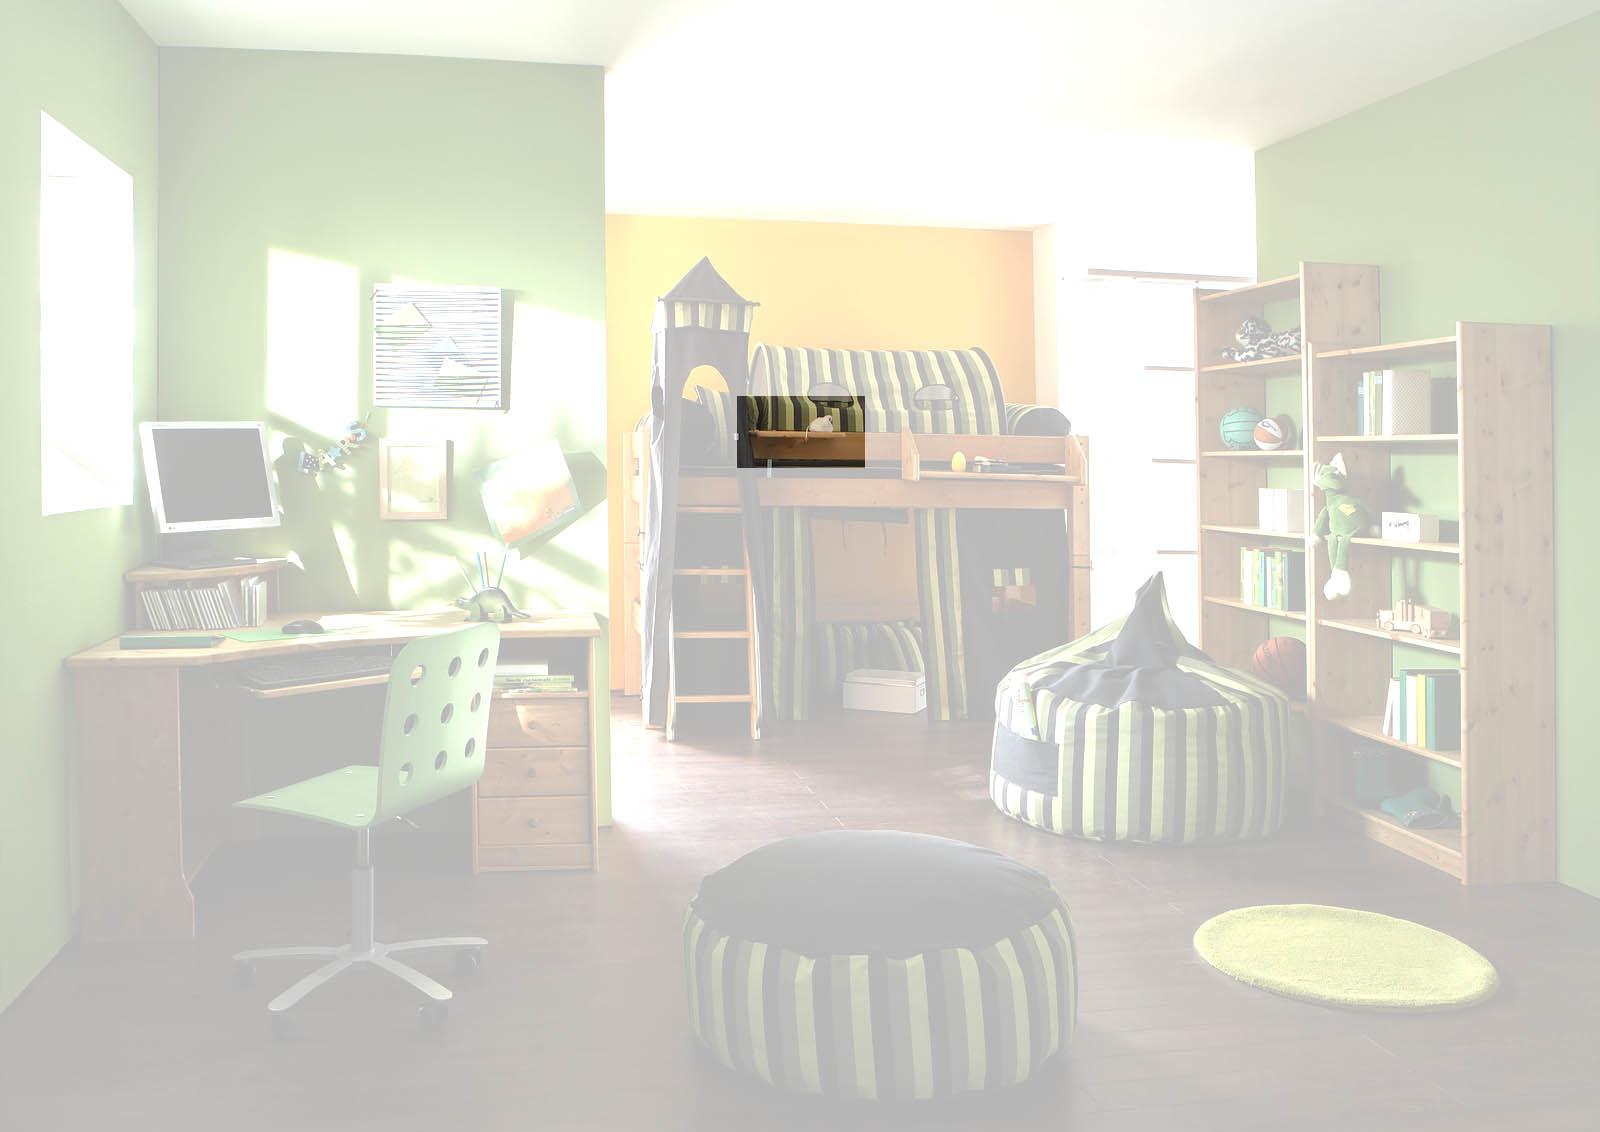 Full Size of Kinderzimmer Hochbett Forest Aus Massivholz Von Dolphin Gnstig Sofa Regal Regale Weiß Kinderzimmer Kinderzimmer Hochbett